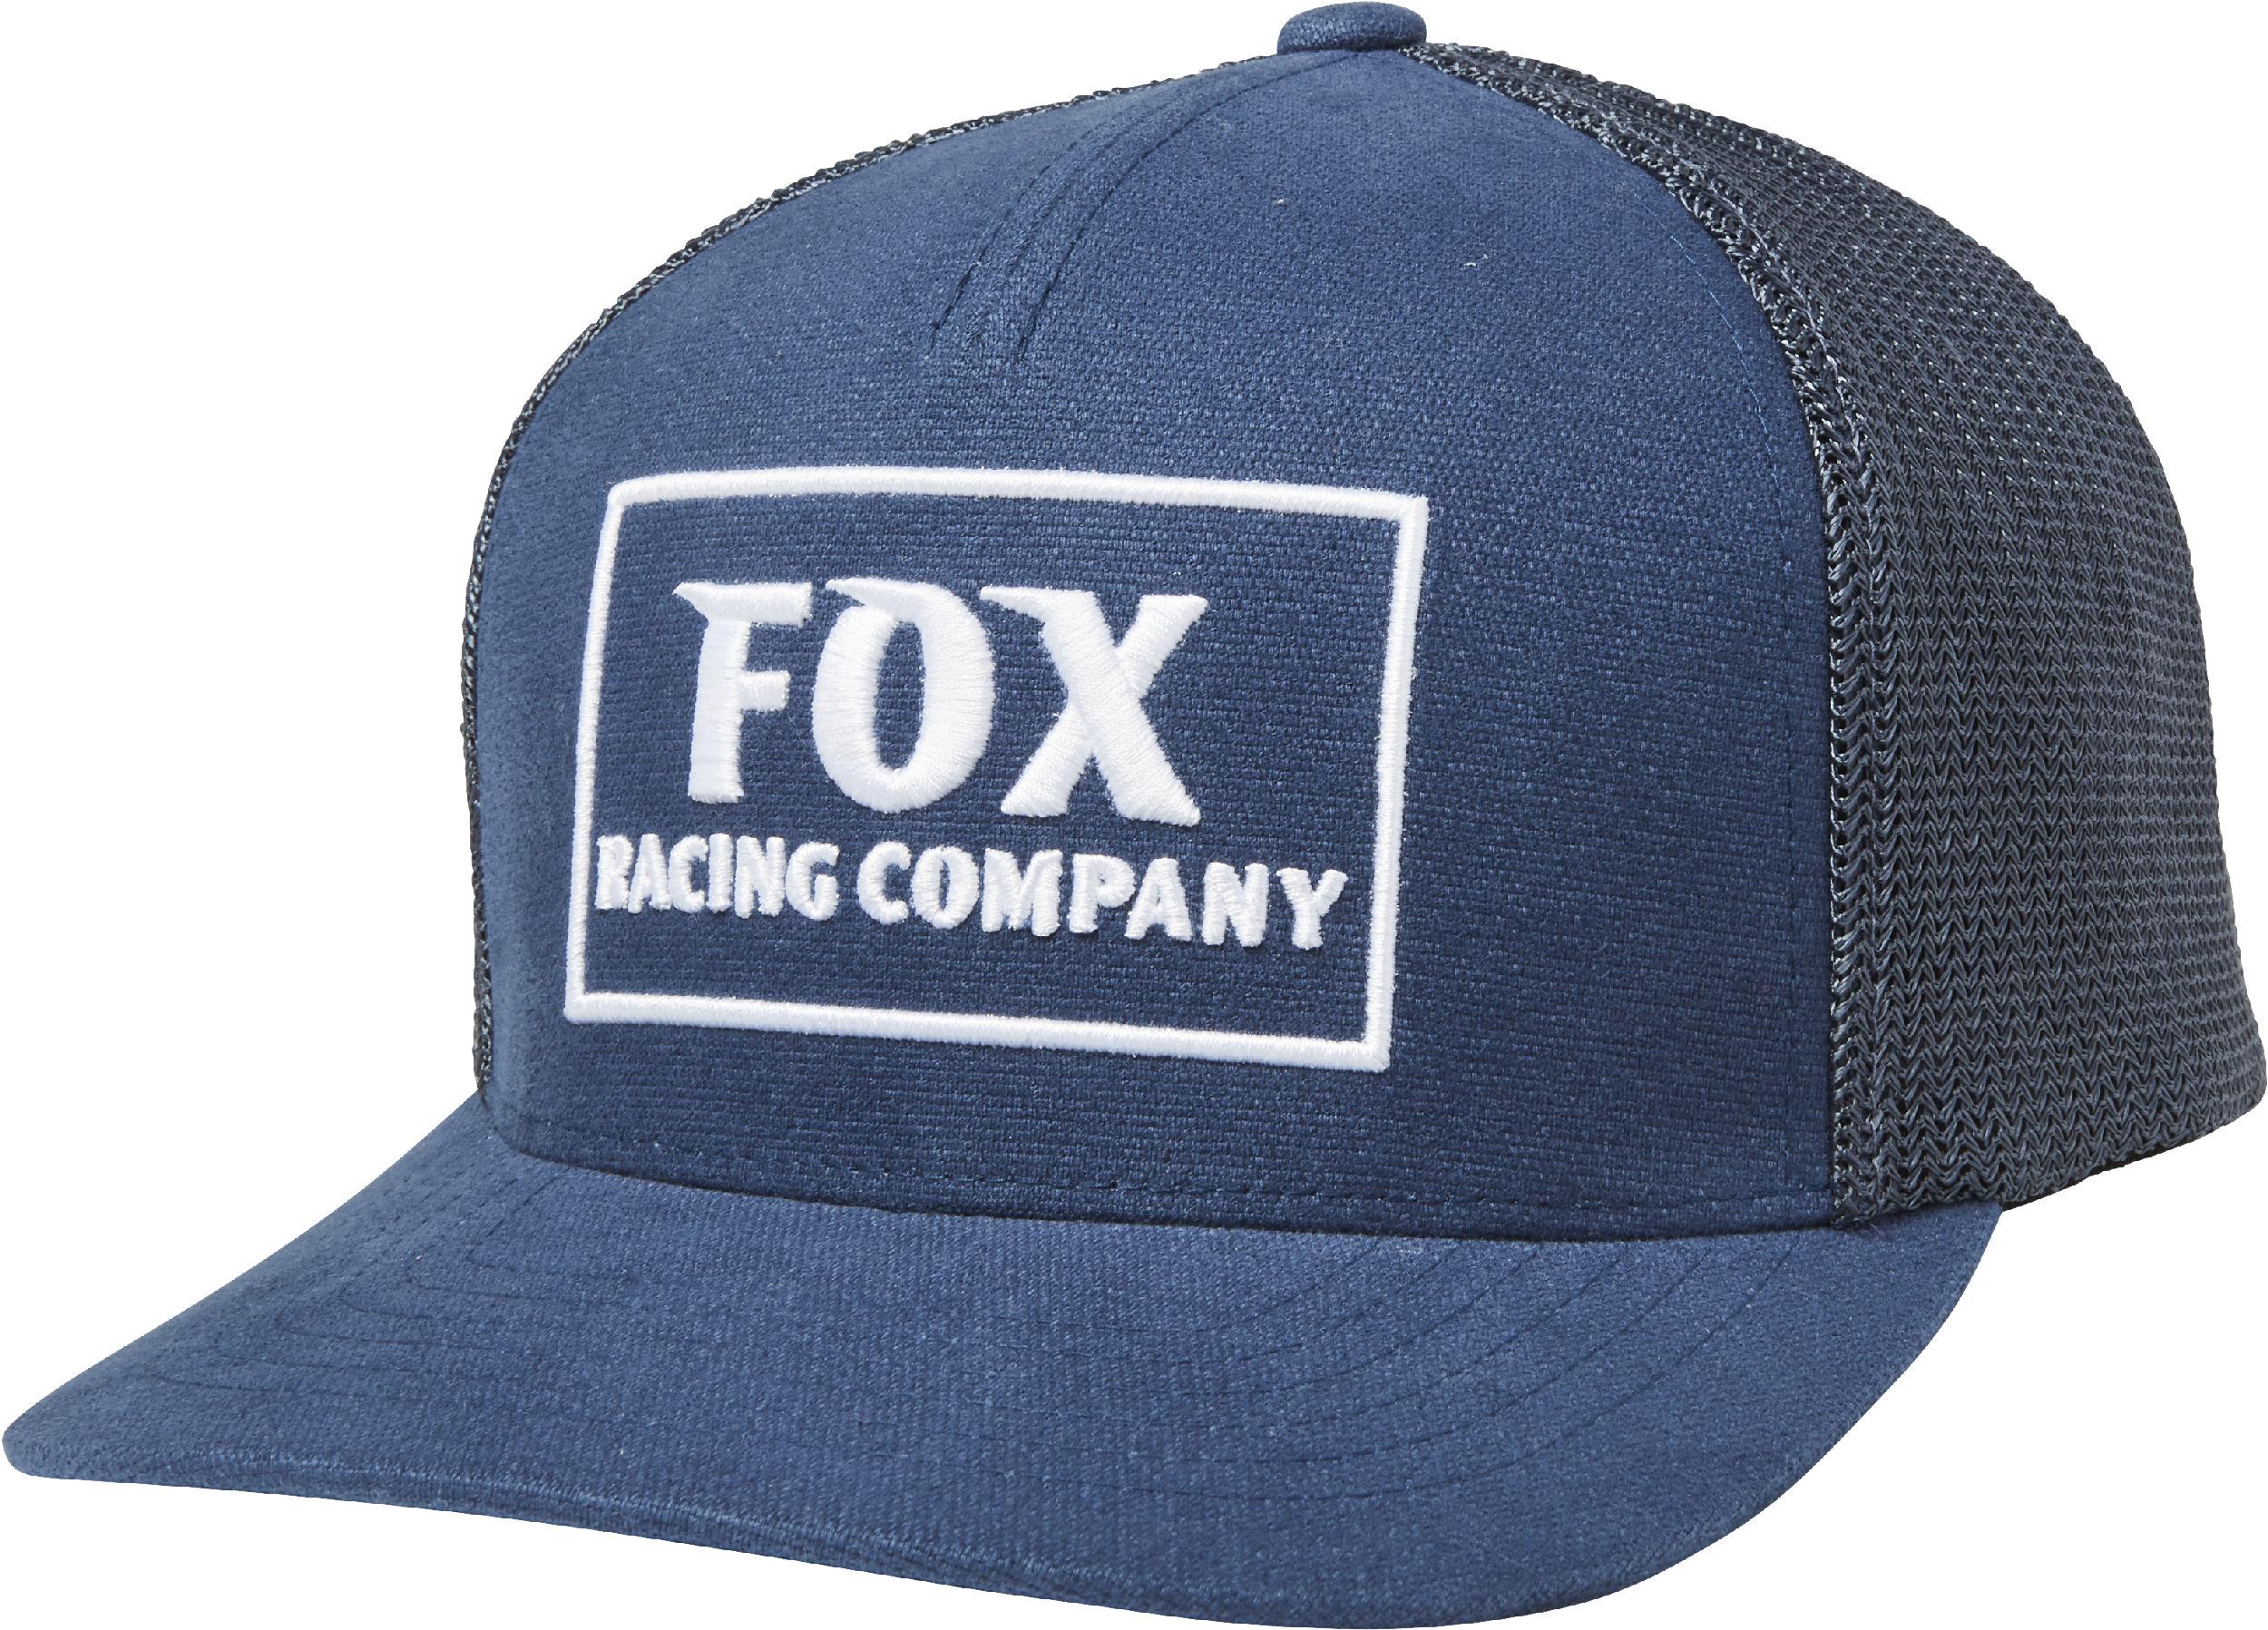 c3bd064233f291 Fox Racing Mens Navy Blue Heater Snapback Hat 191972185571 | eBay